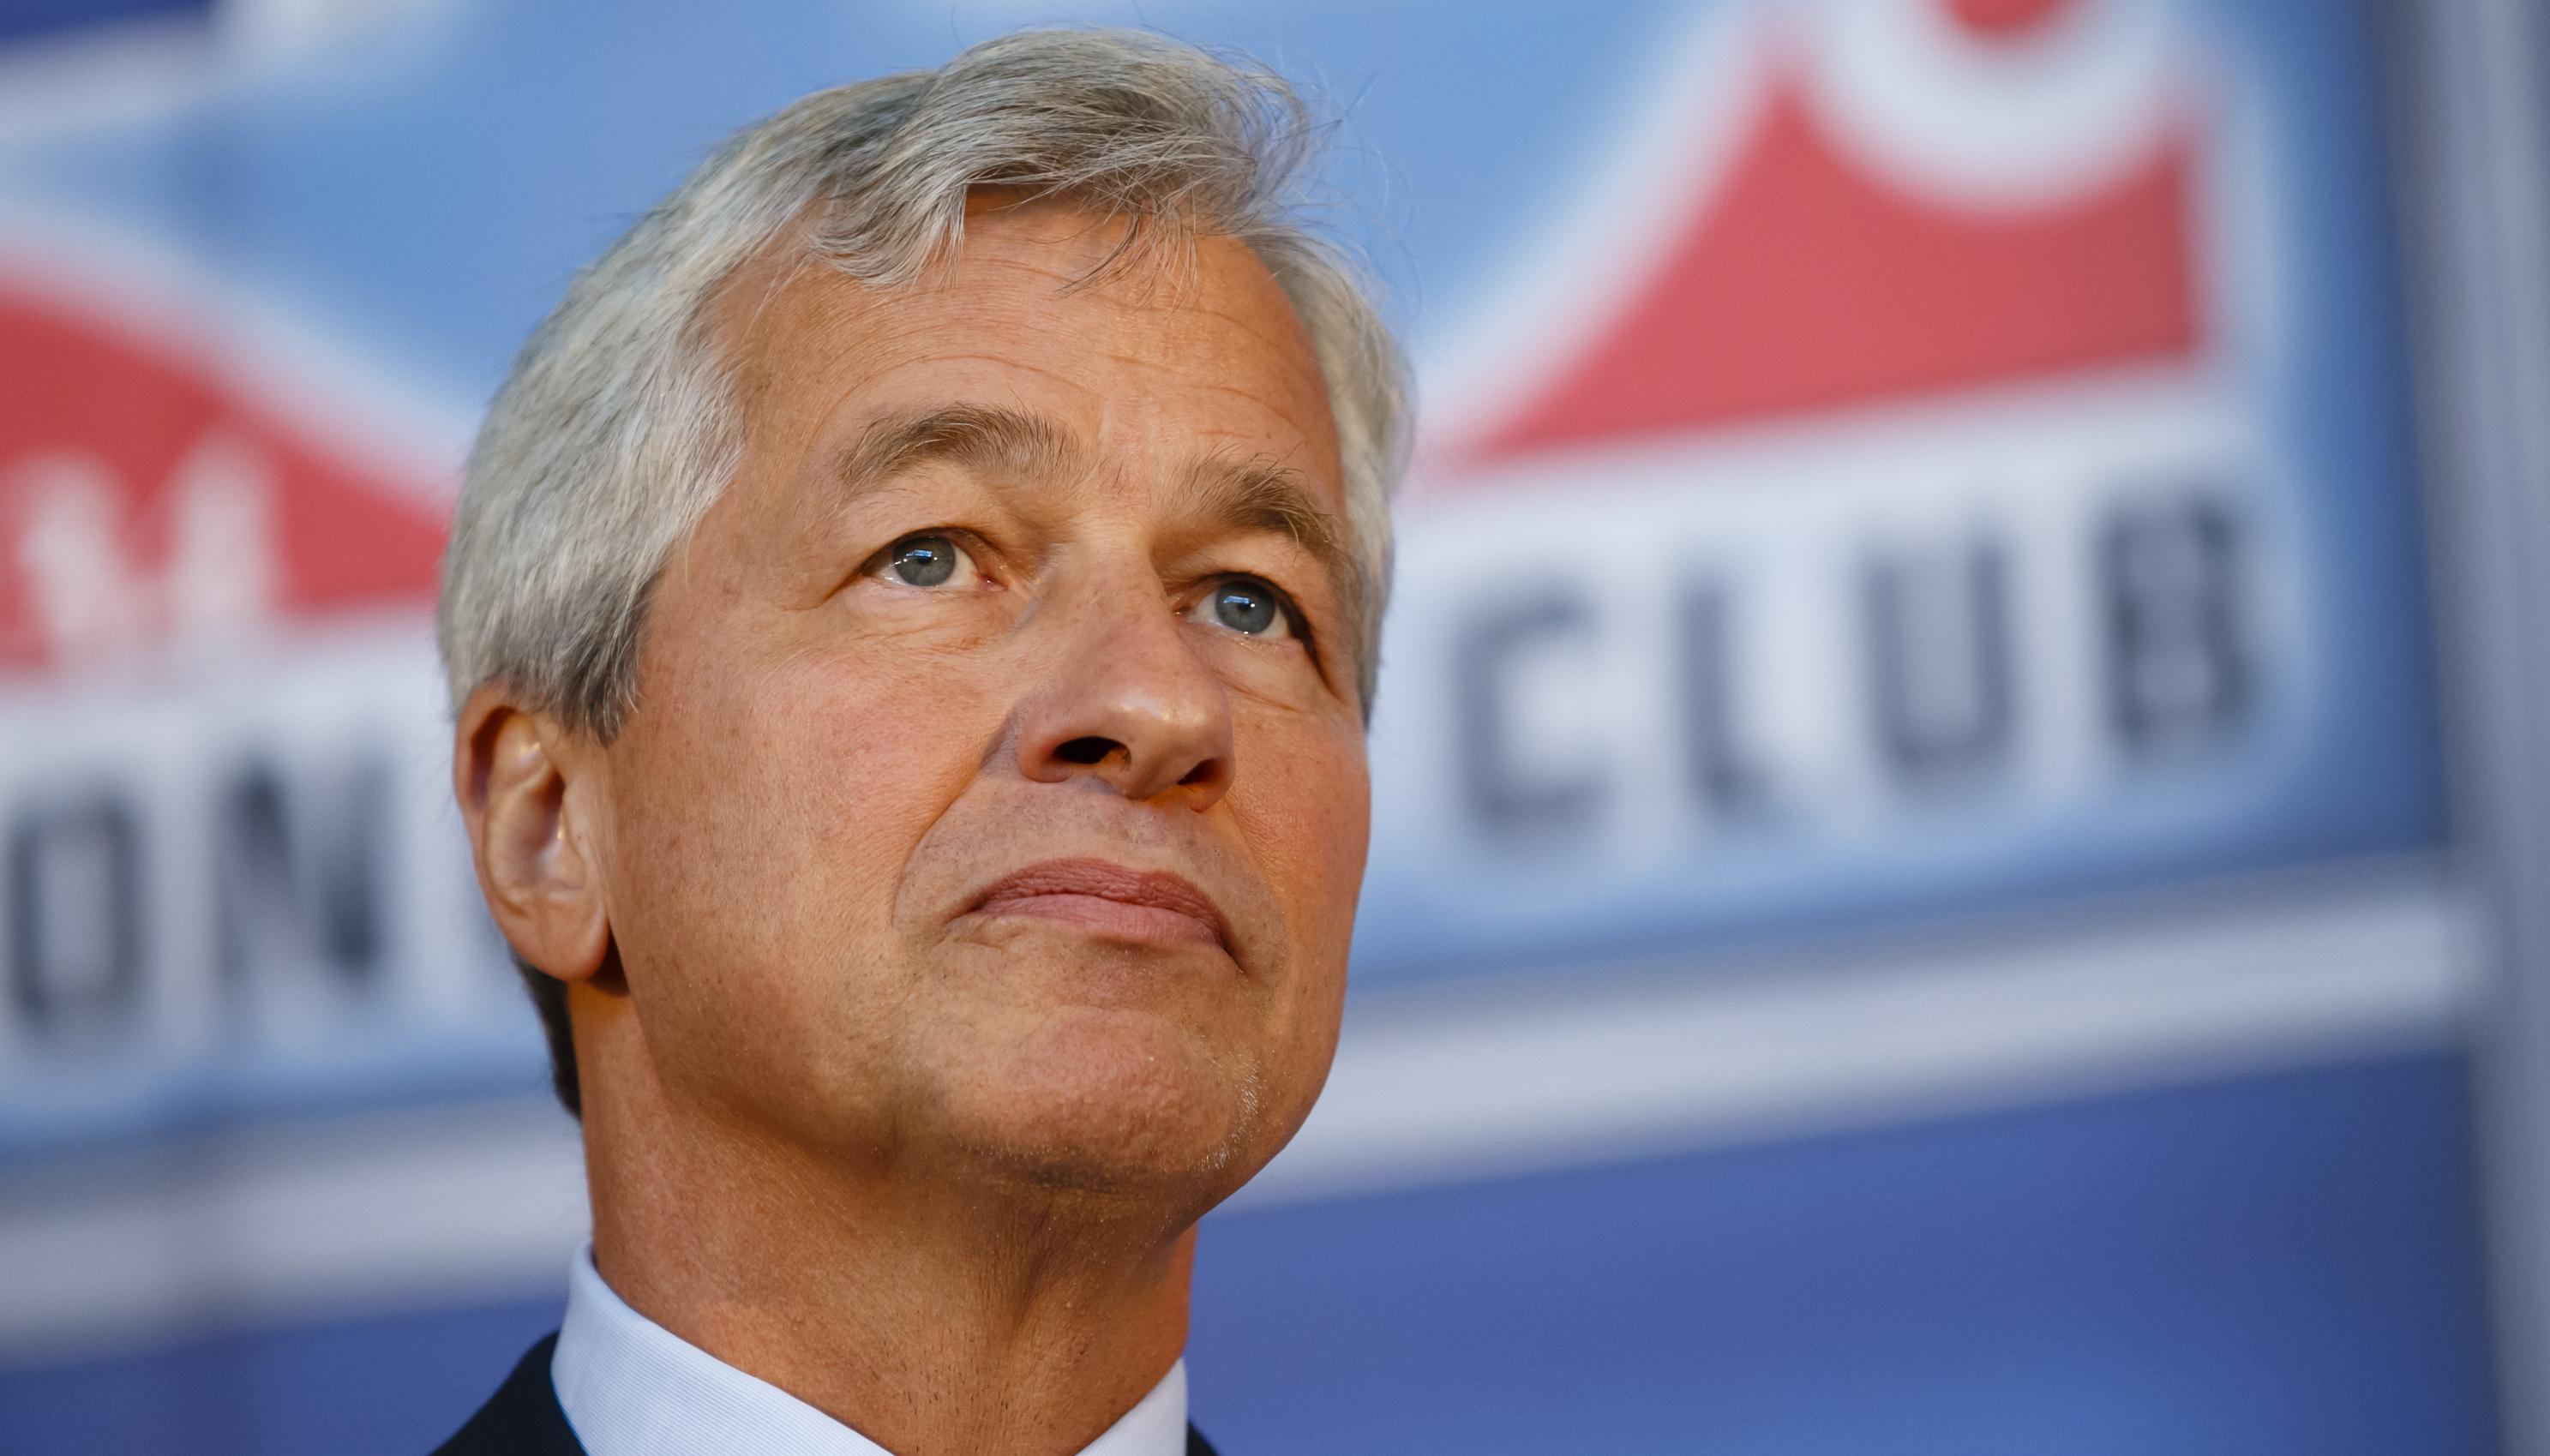 JPMorgan Chase's CEO Jamie Dimon admits to diversity